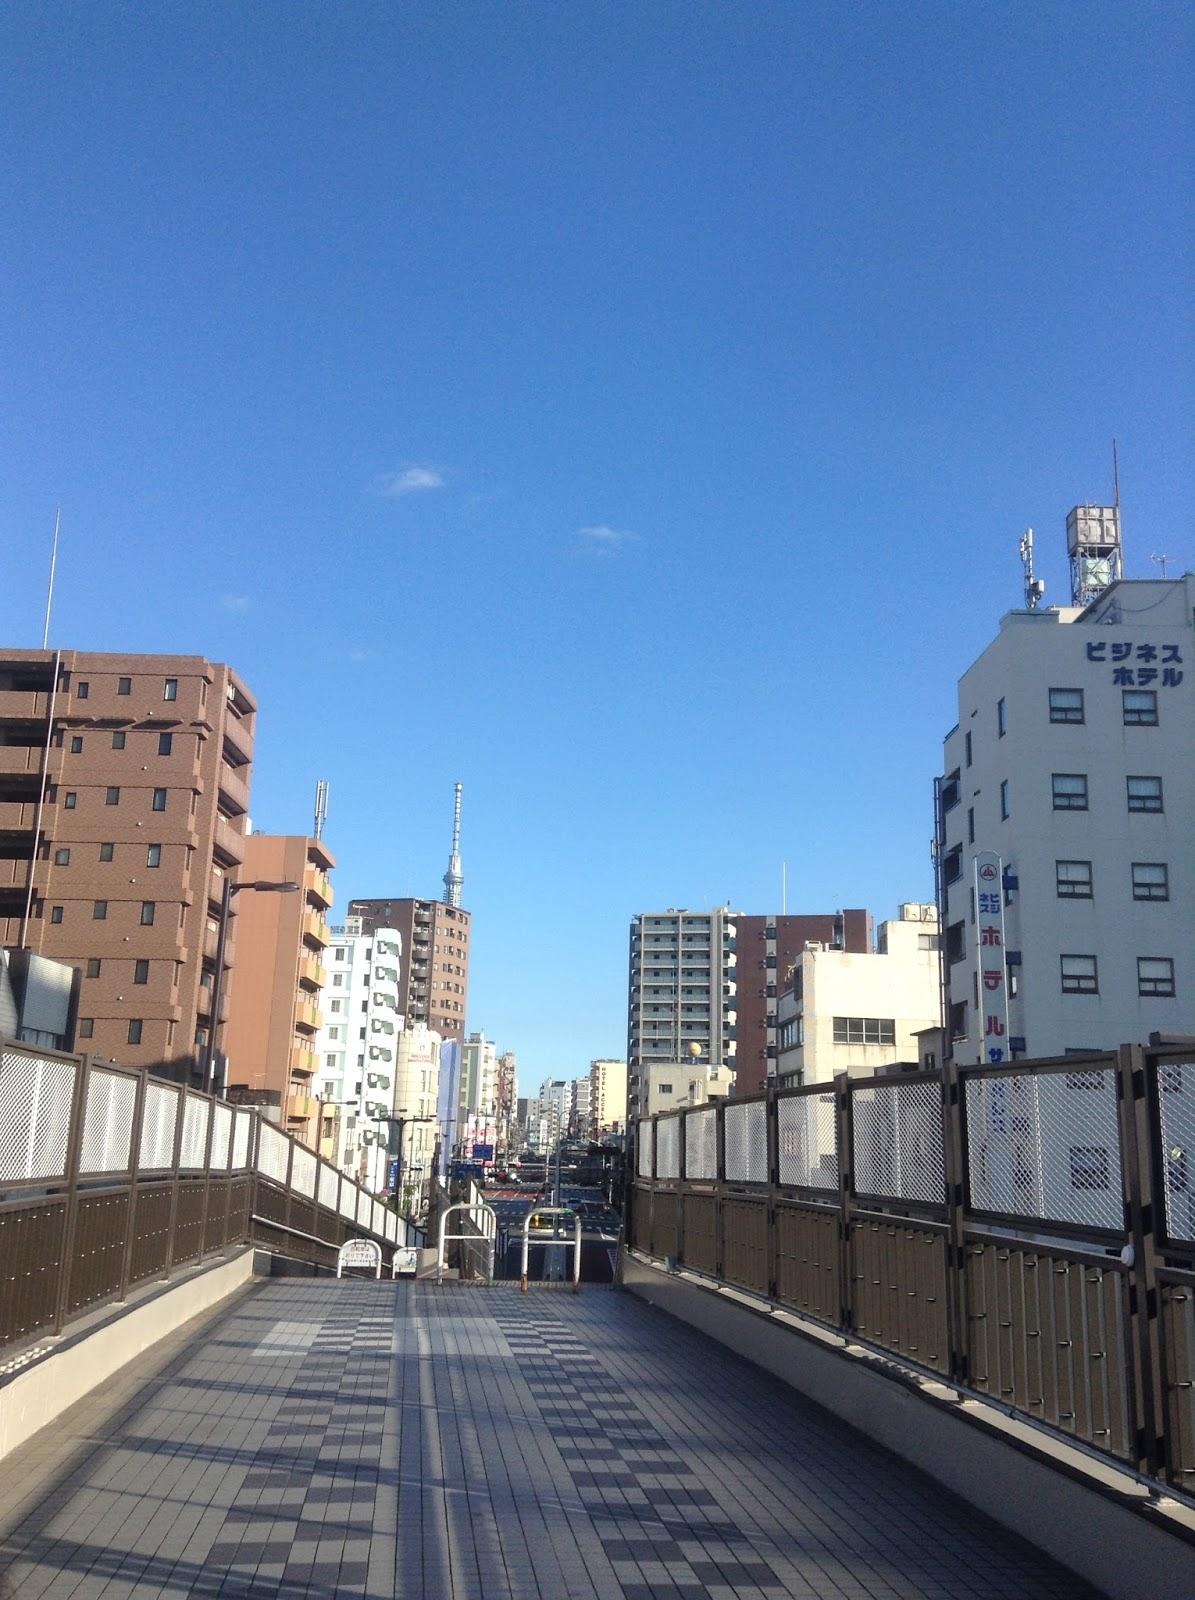 Japan suburbs